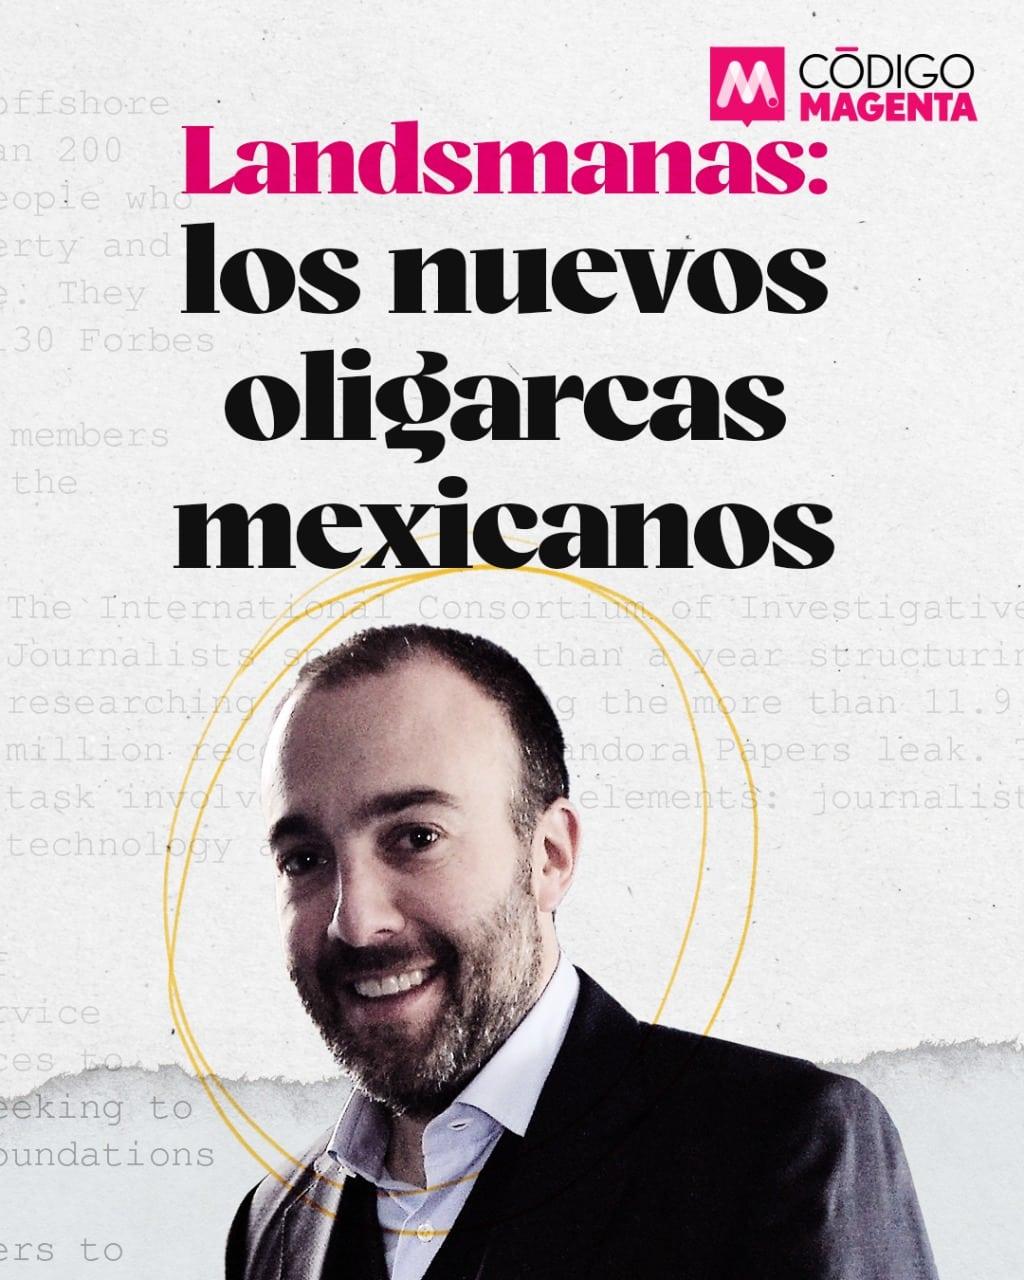 Landsmanas: Los nuevos oligarcas mexicanos